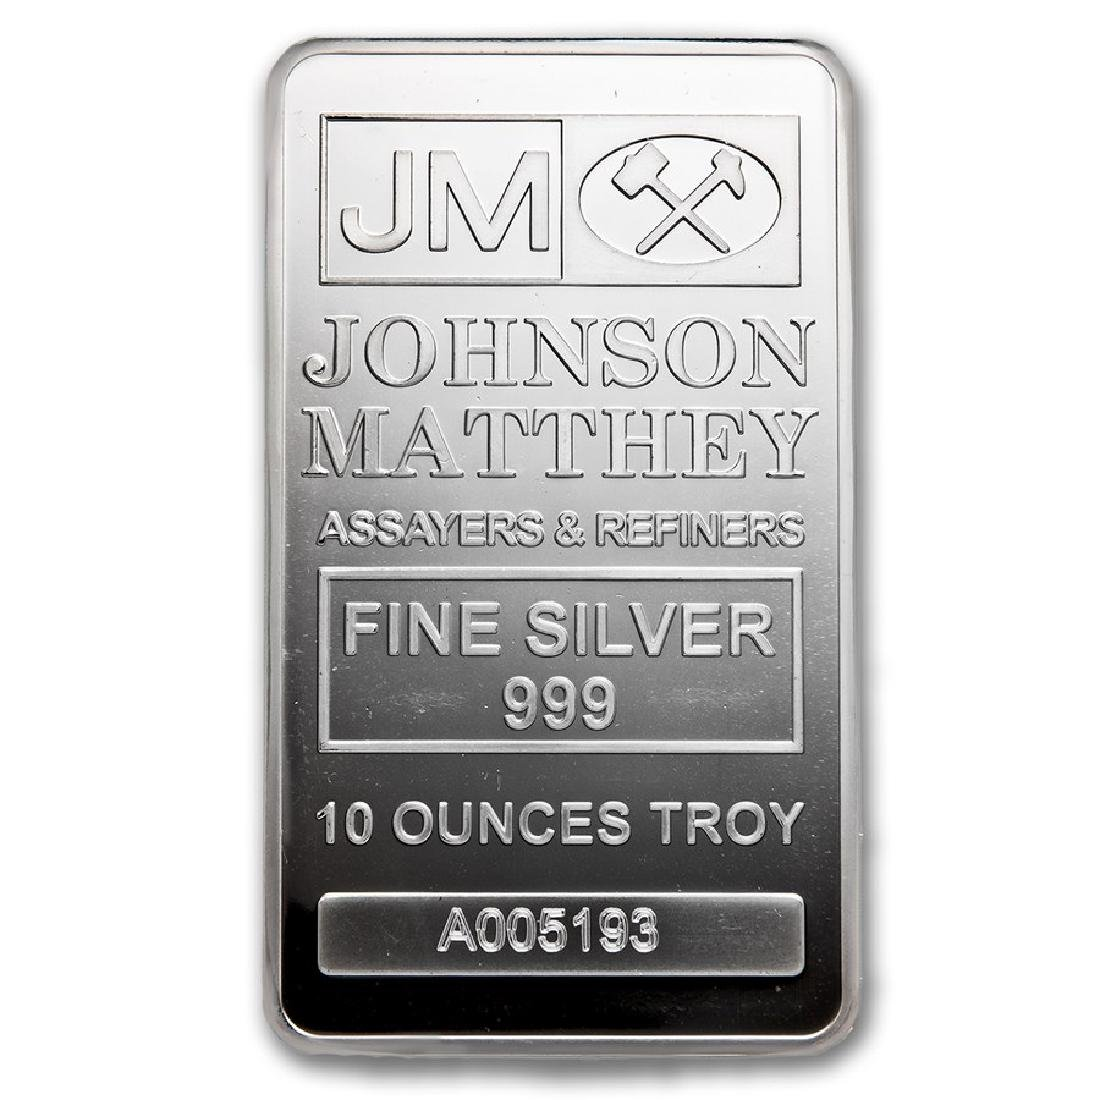 Genuine 10 oz 0.999 Fine Silver Bar - Johnson Matthey